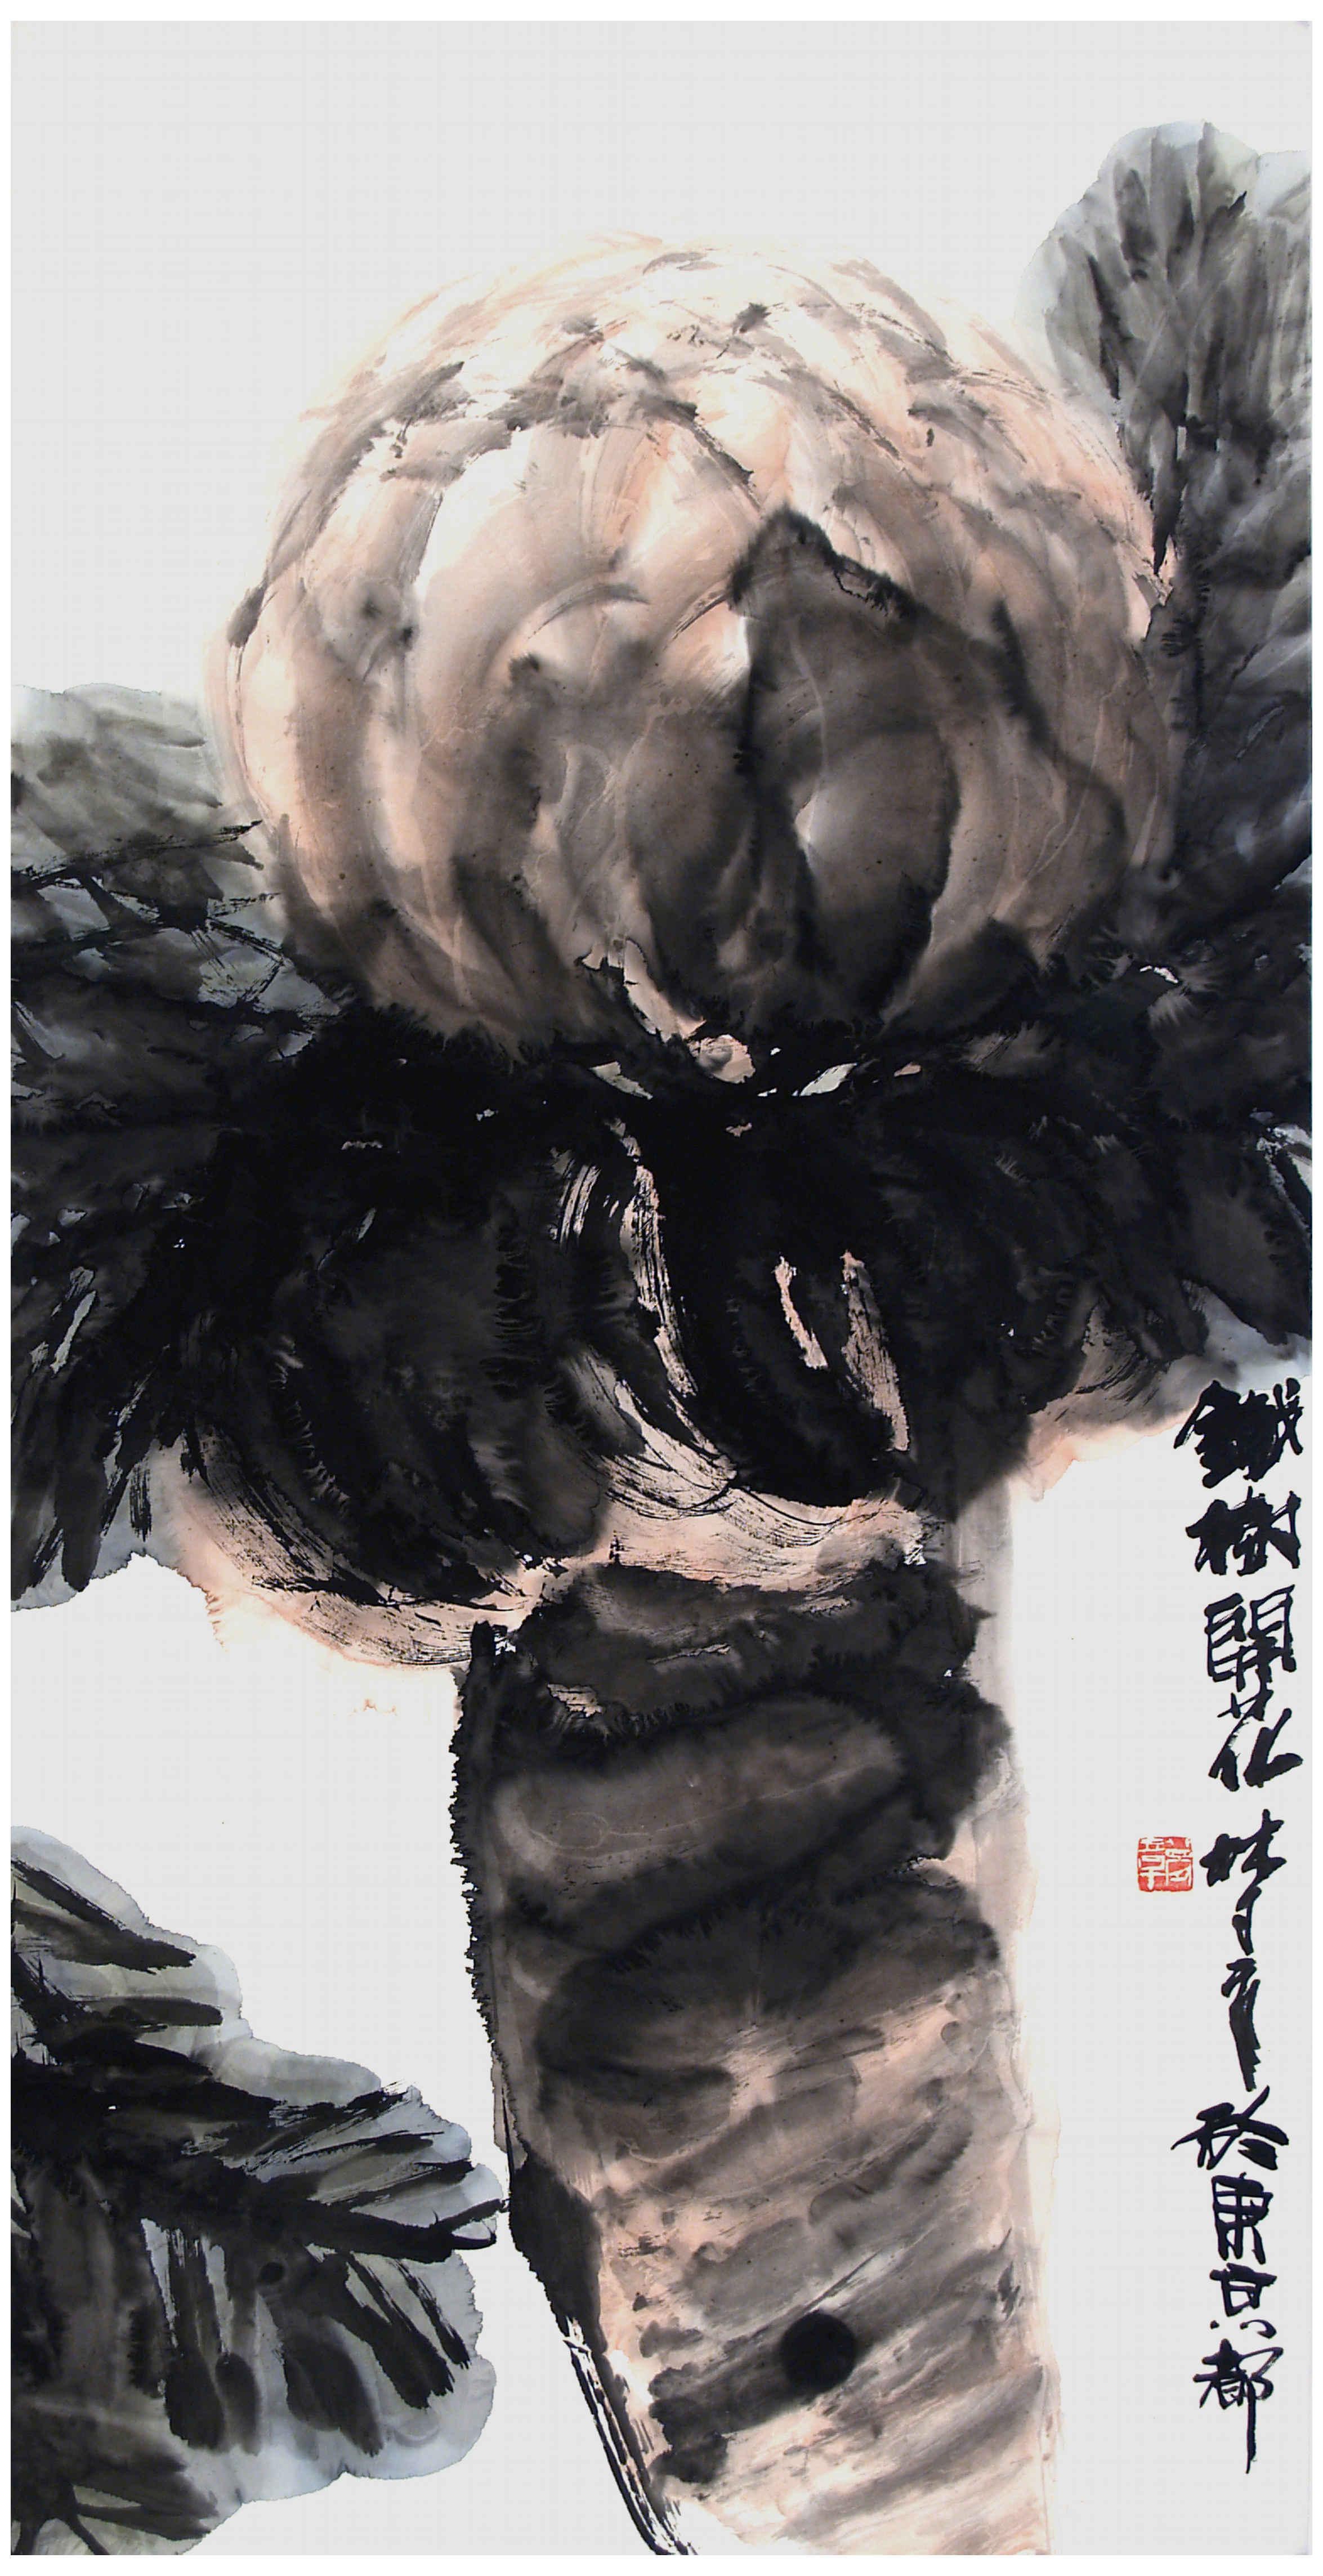 铁树大写意国画图片-齐梦章的大写意中国画《铁树开花